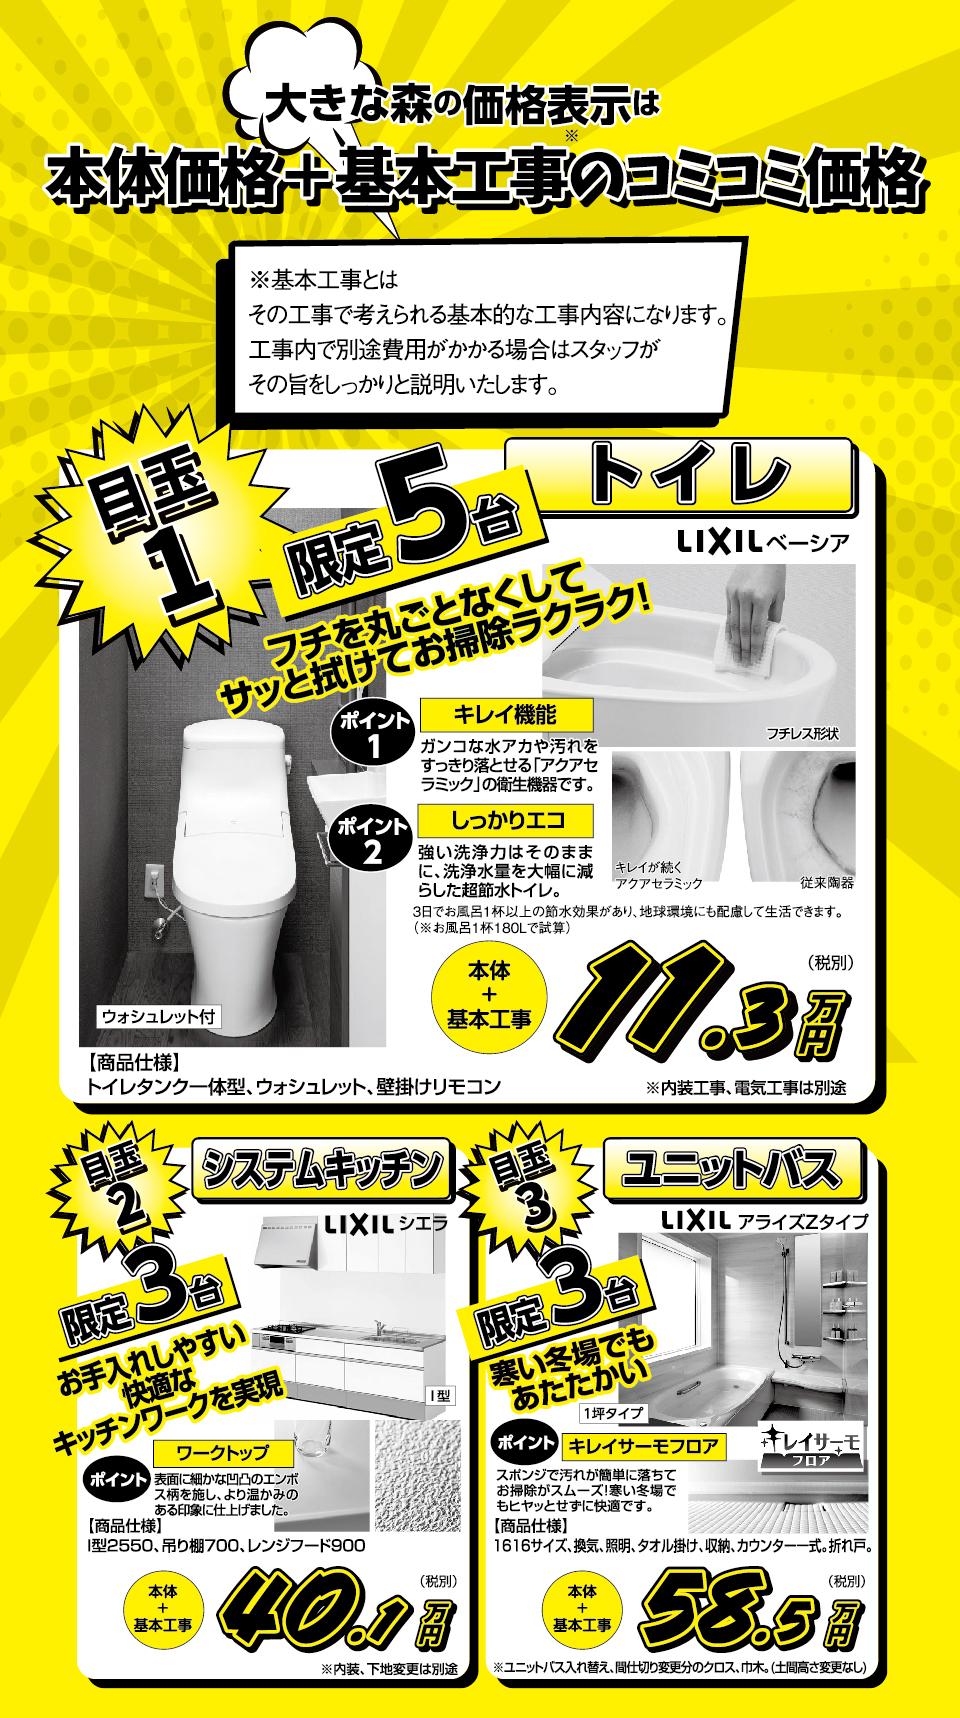 トイレリフォーム、キッチンリフォーム、お風呂リフォーム、価格一覧|大きな森リフォーム|新潟・長岡・三条・燕